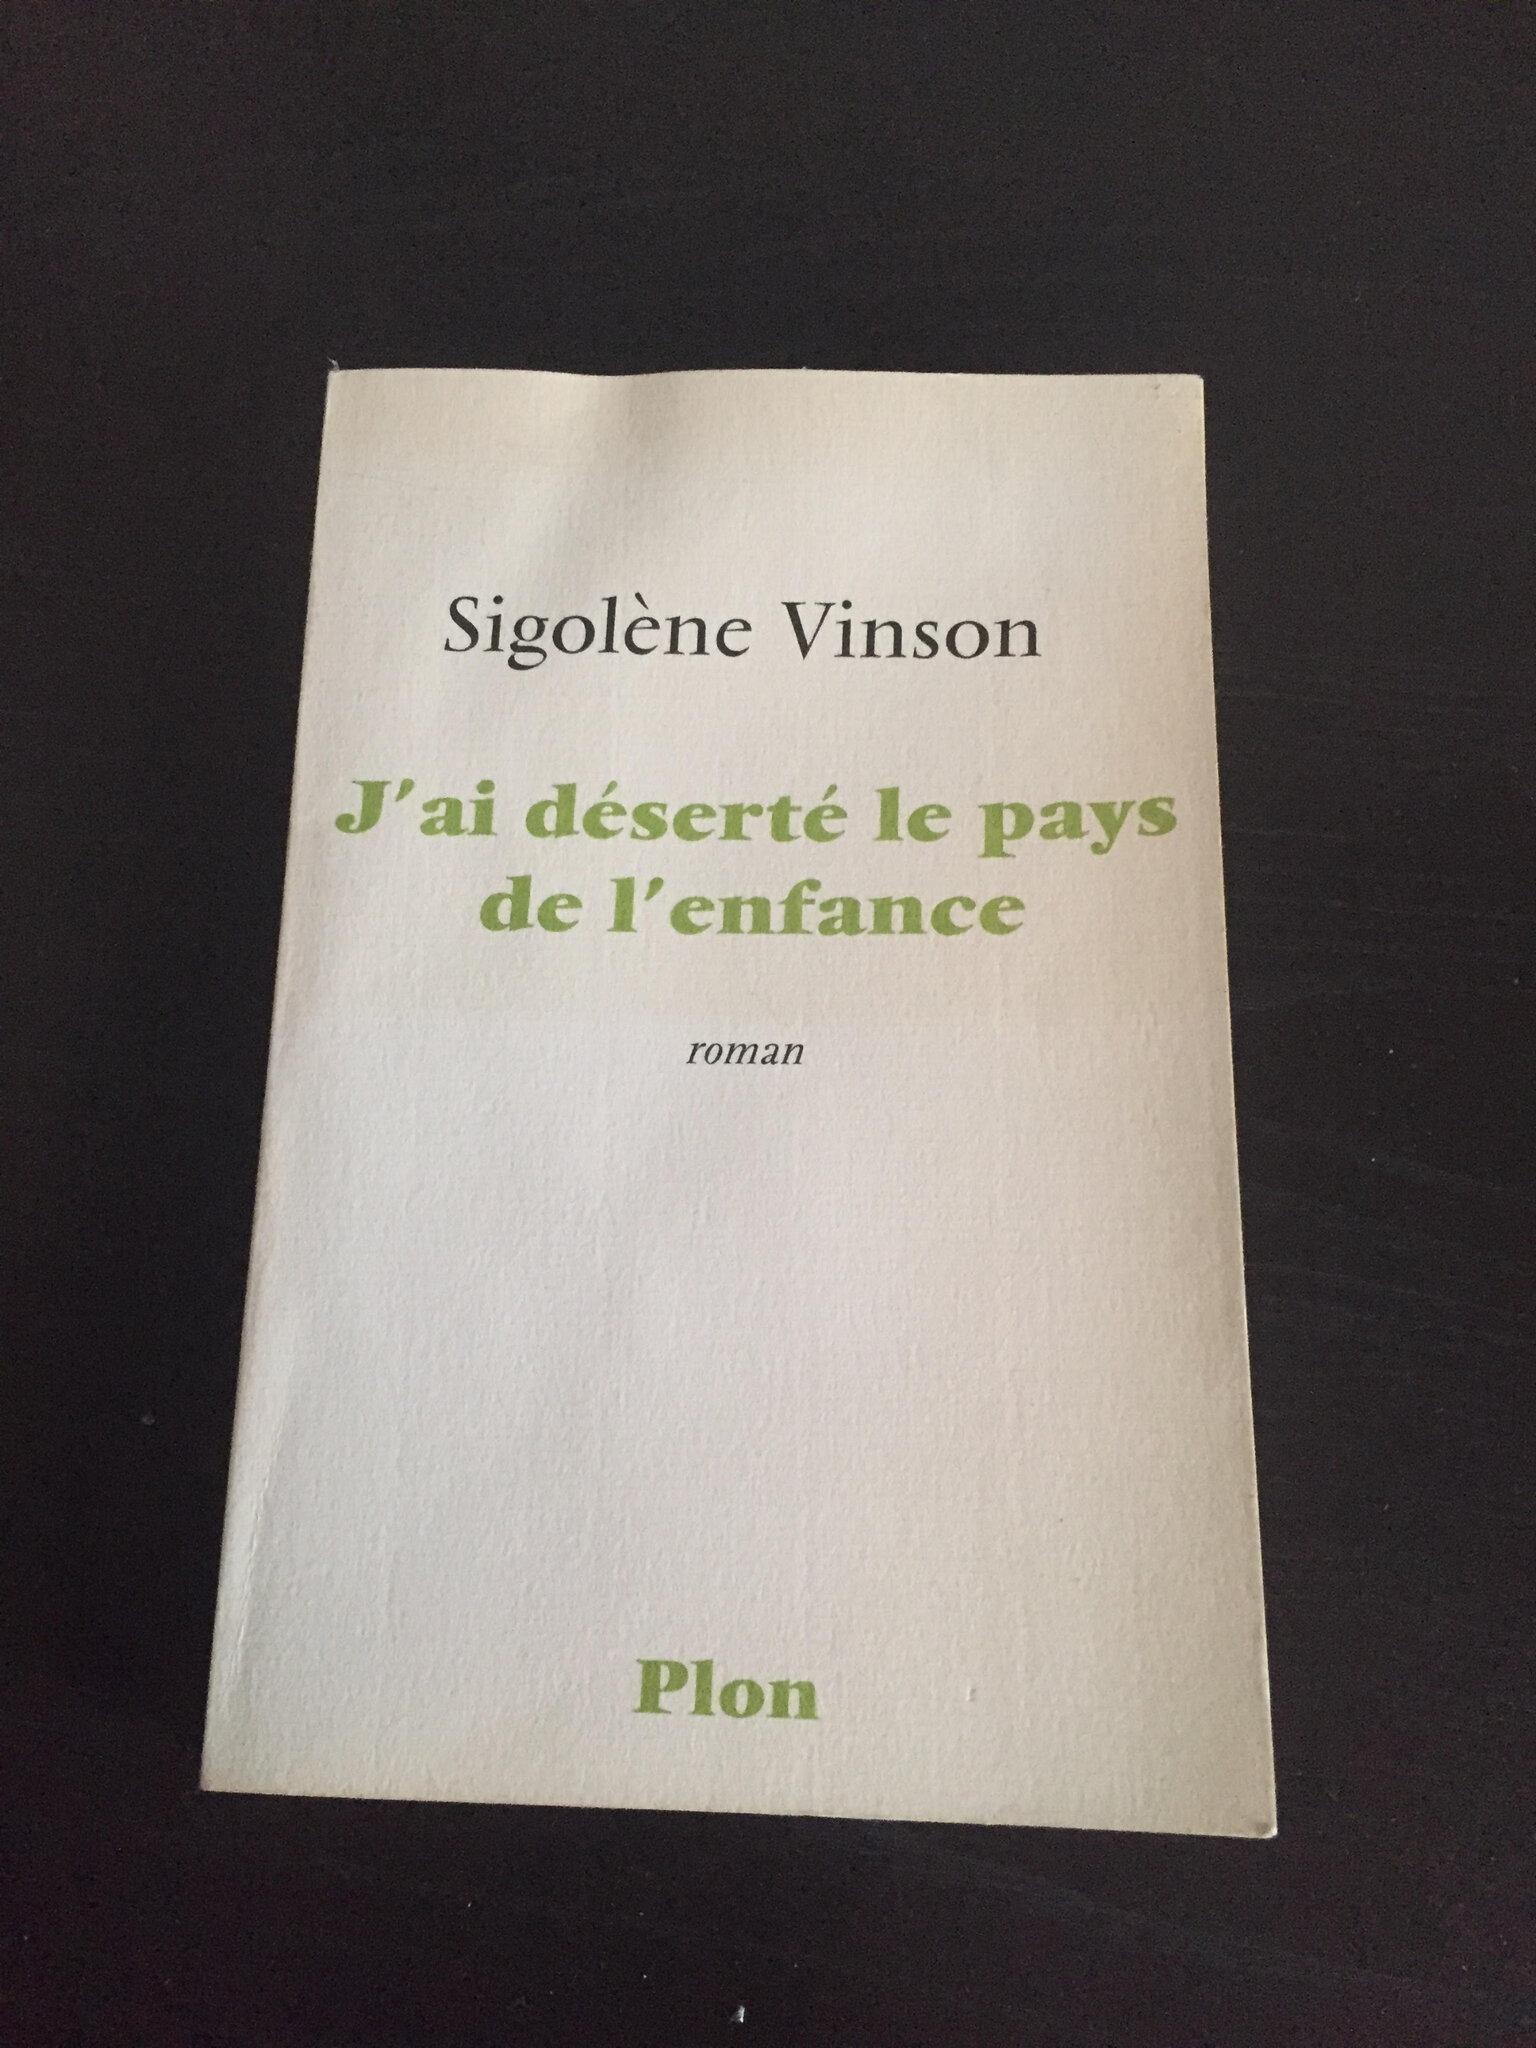 « J'ai déserté le pays de l'enfance » de Sigolène Vinson